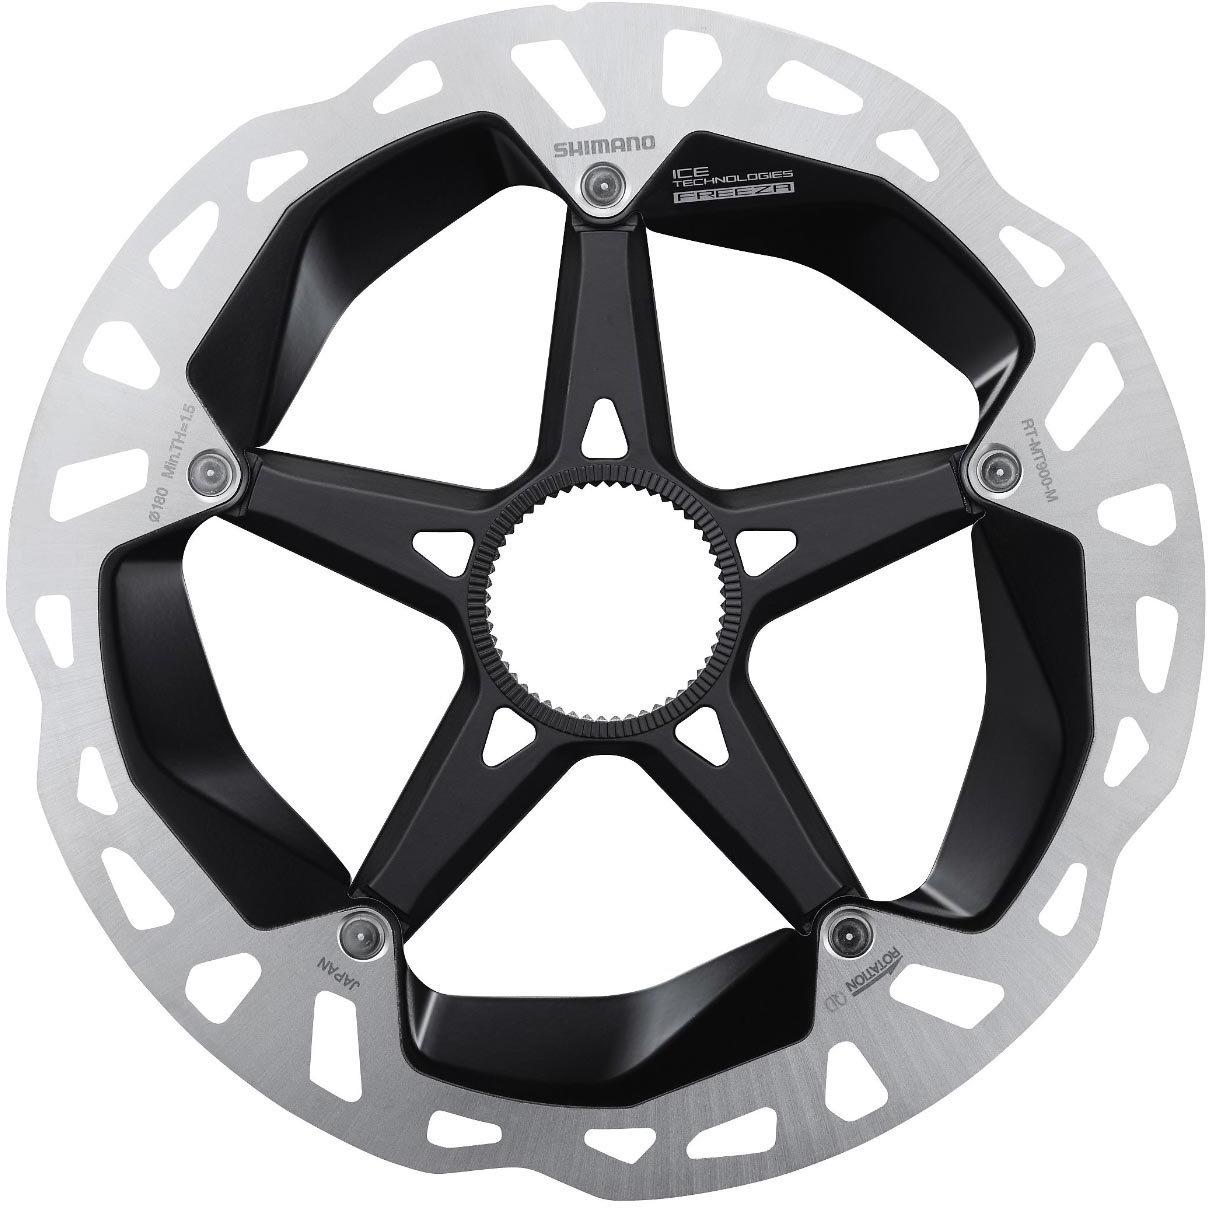 Тормозной диск для велосипела Shimano XTR, MT900, 160 мм, C.Lock, с lock ring, IRTMT900S запчасть shimano mt15 29 c lock